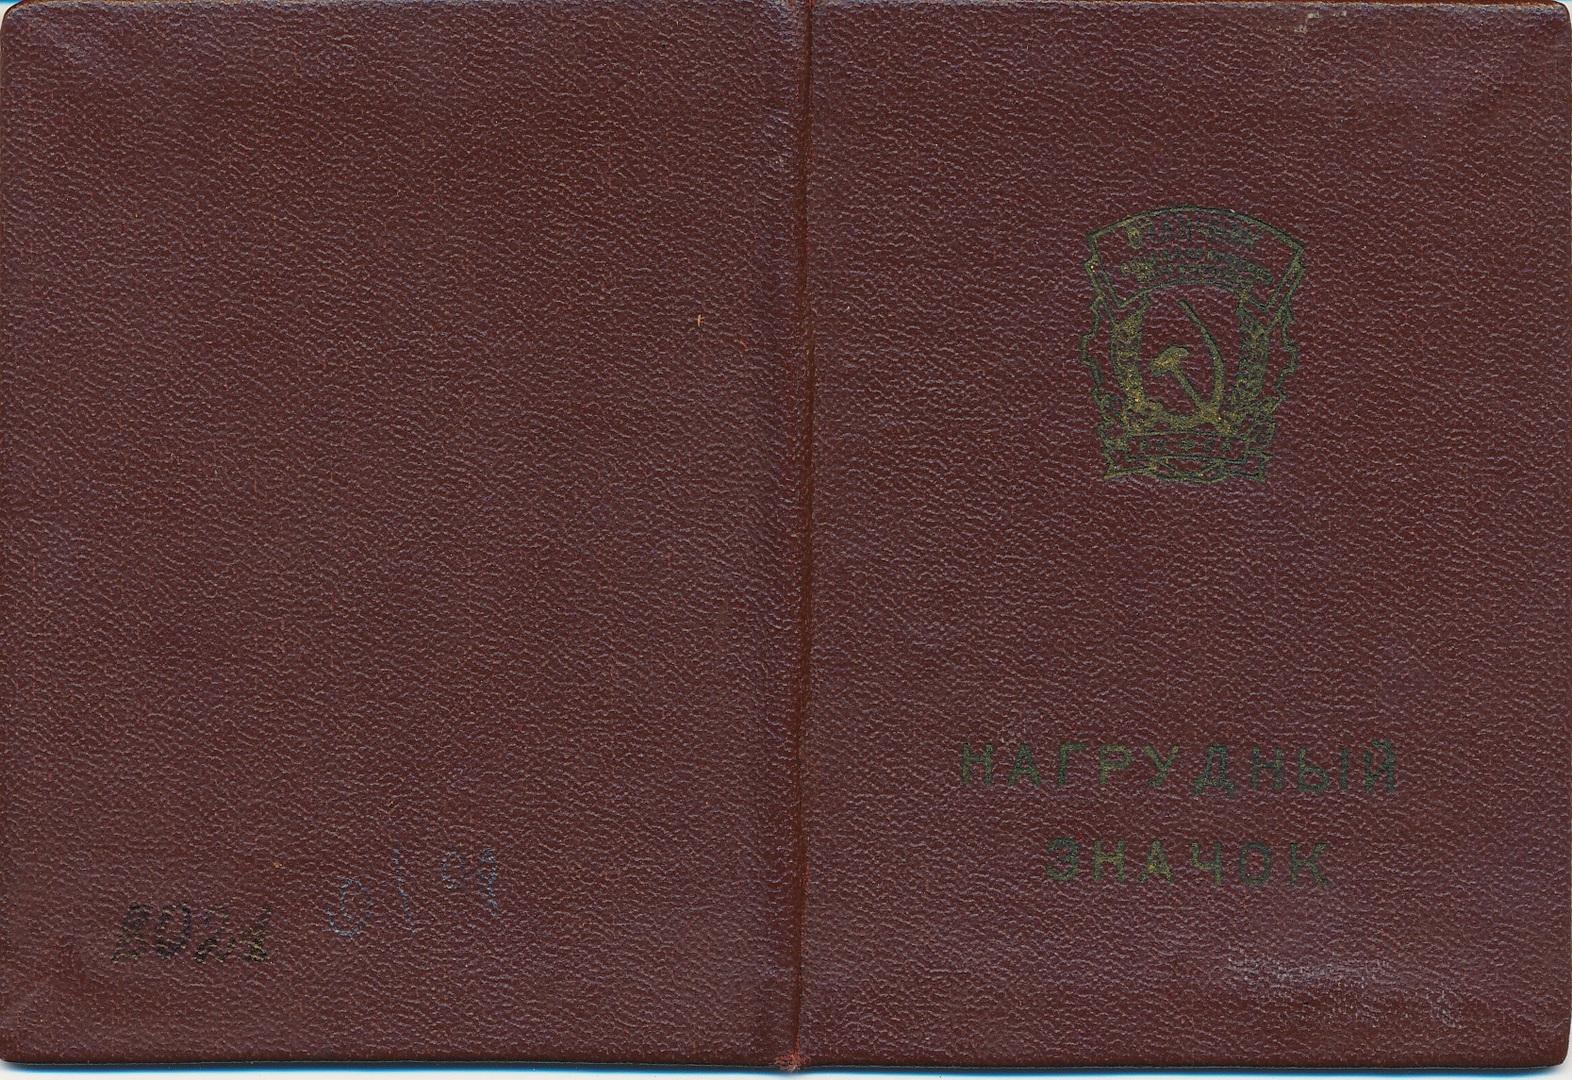 Удостоверение № 237 к значку 'Отличник социалистического соревнования РСФСР'